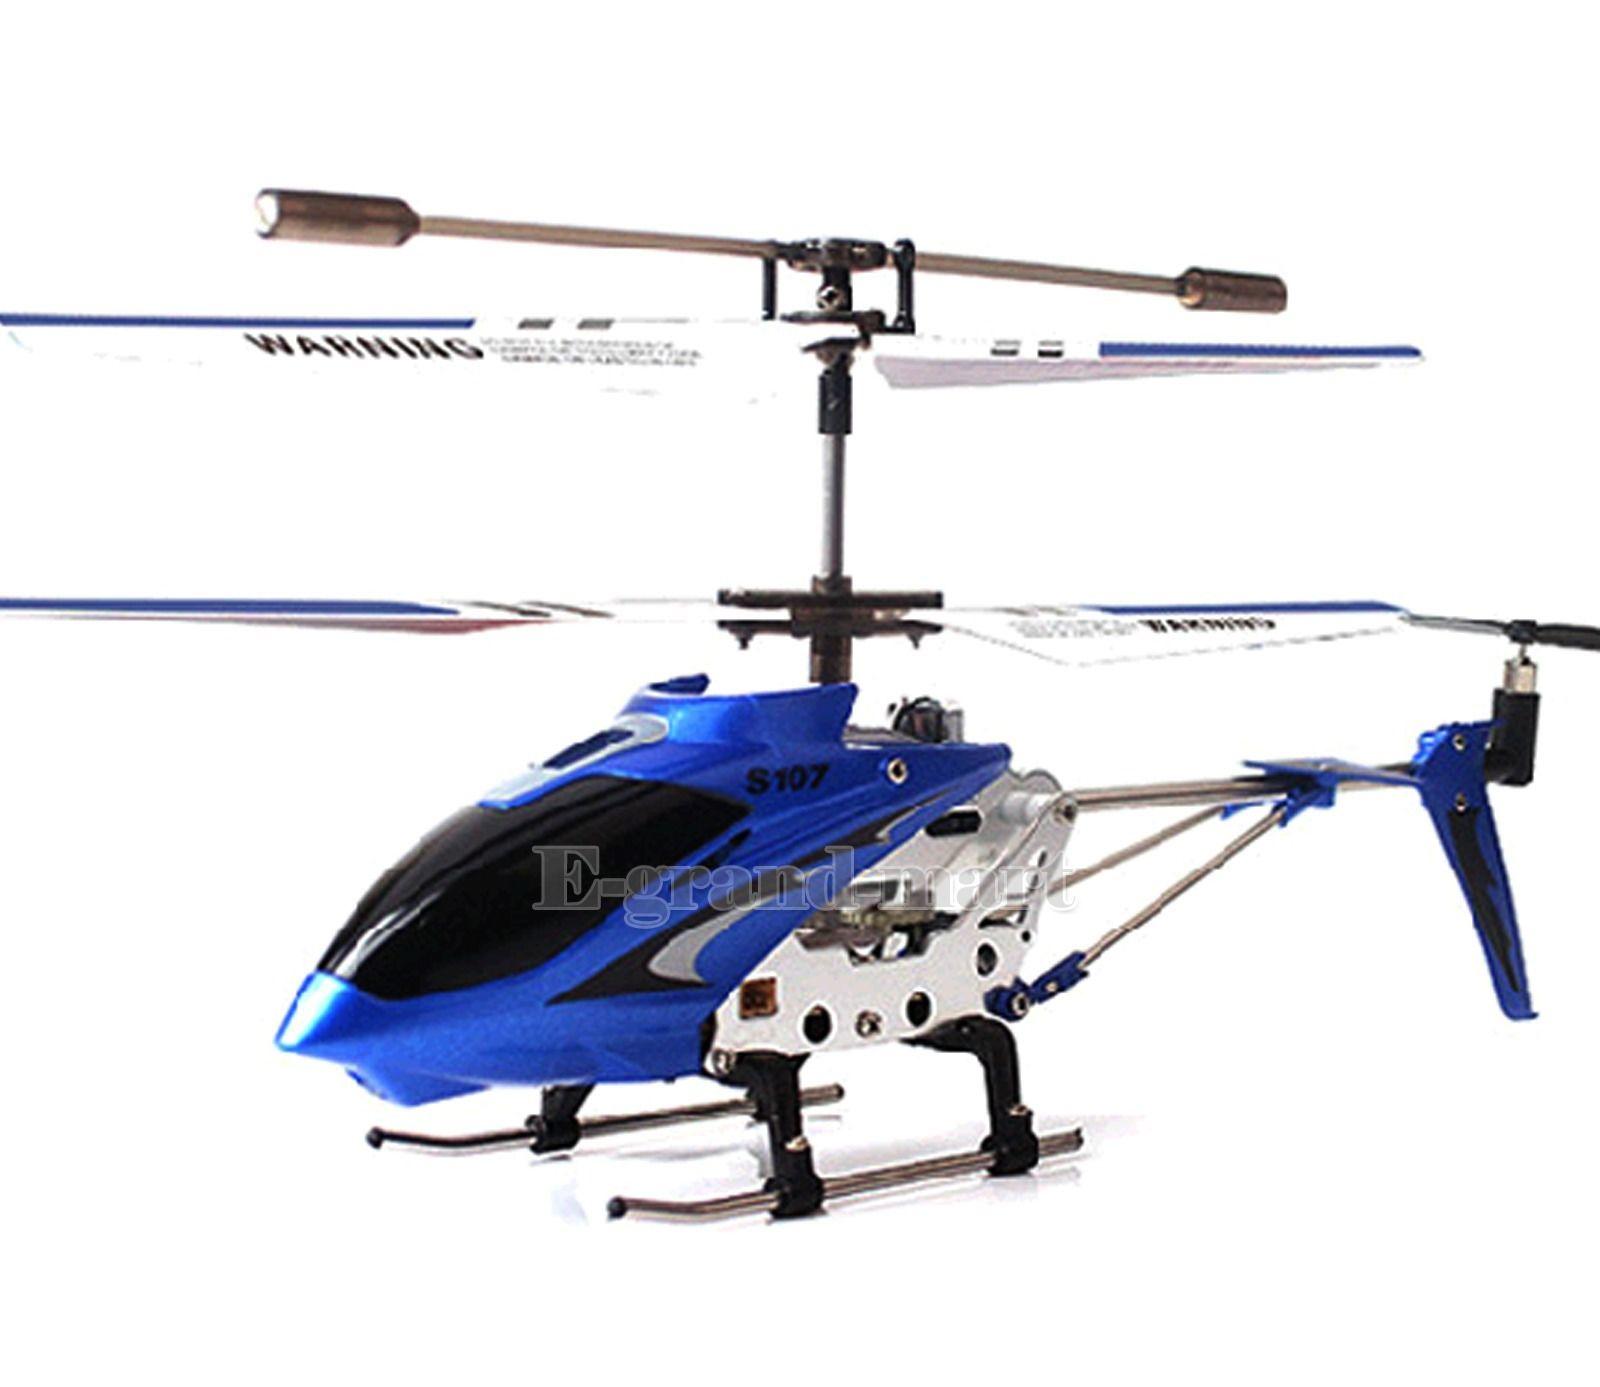 Cheerwing S107 S107g 3 5ch Alloy Mini Remote Control Rc